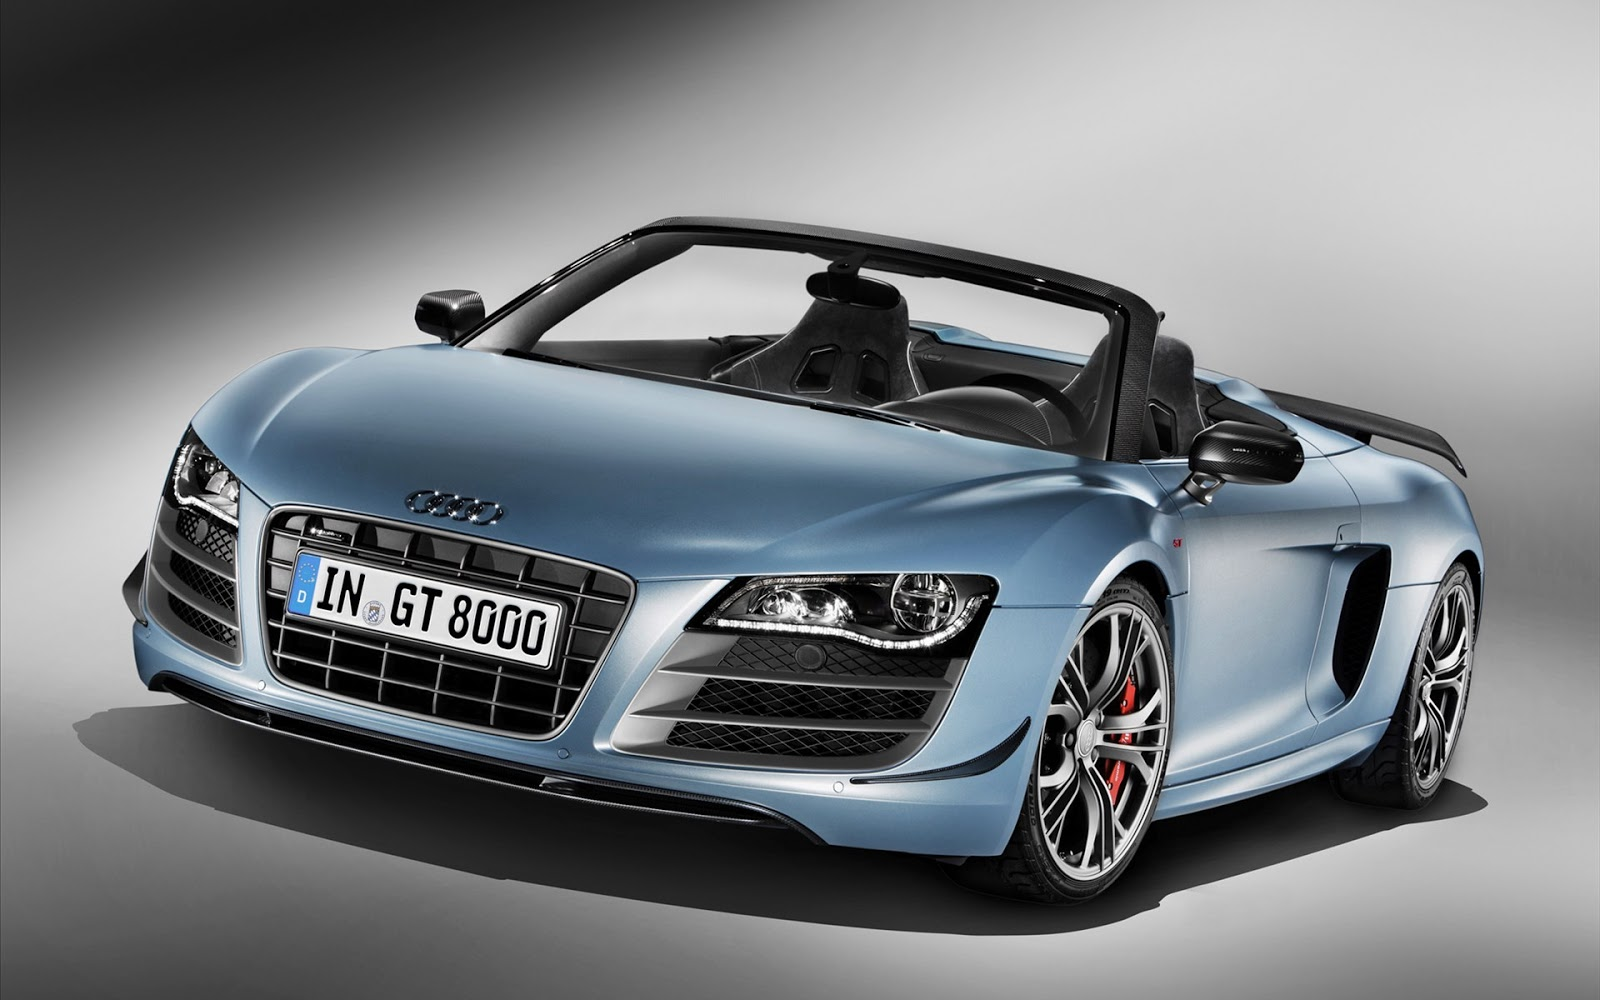 http://1.bp.blogspot.com/-wKNQ1ONPSEw/TenUwHU6JQI/AAAAAAAACck/fyV5VwN7zL4/s1600/Audi-R8-GT-Spyder-2012-widescreen-01.jpg